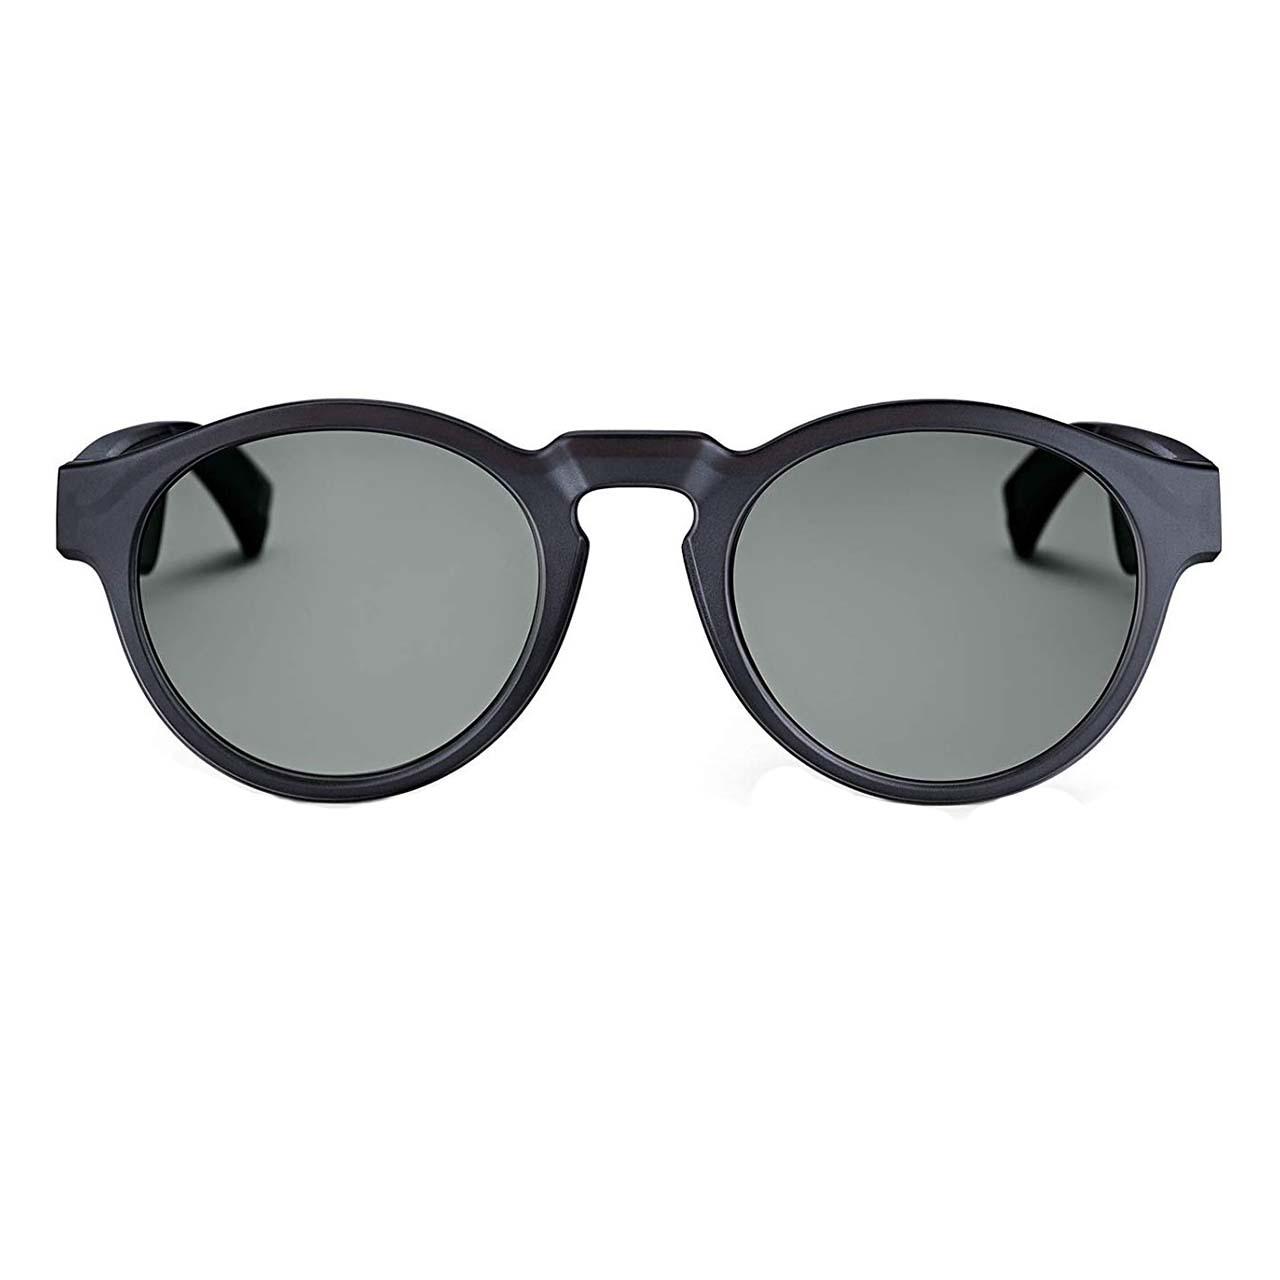 قیمت عینک هدست آفتابی بوز مدل RONDO